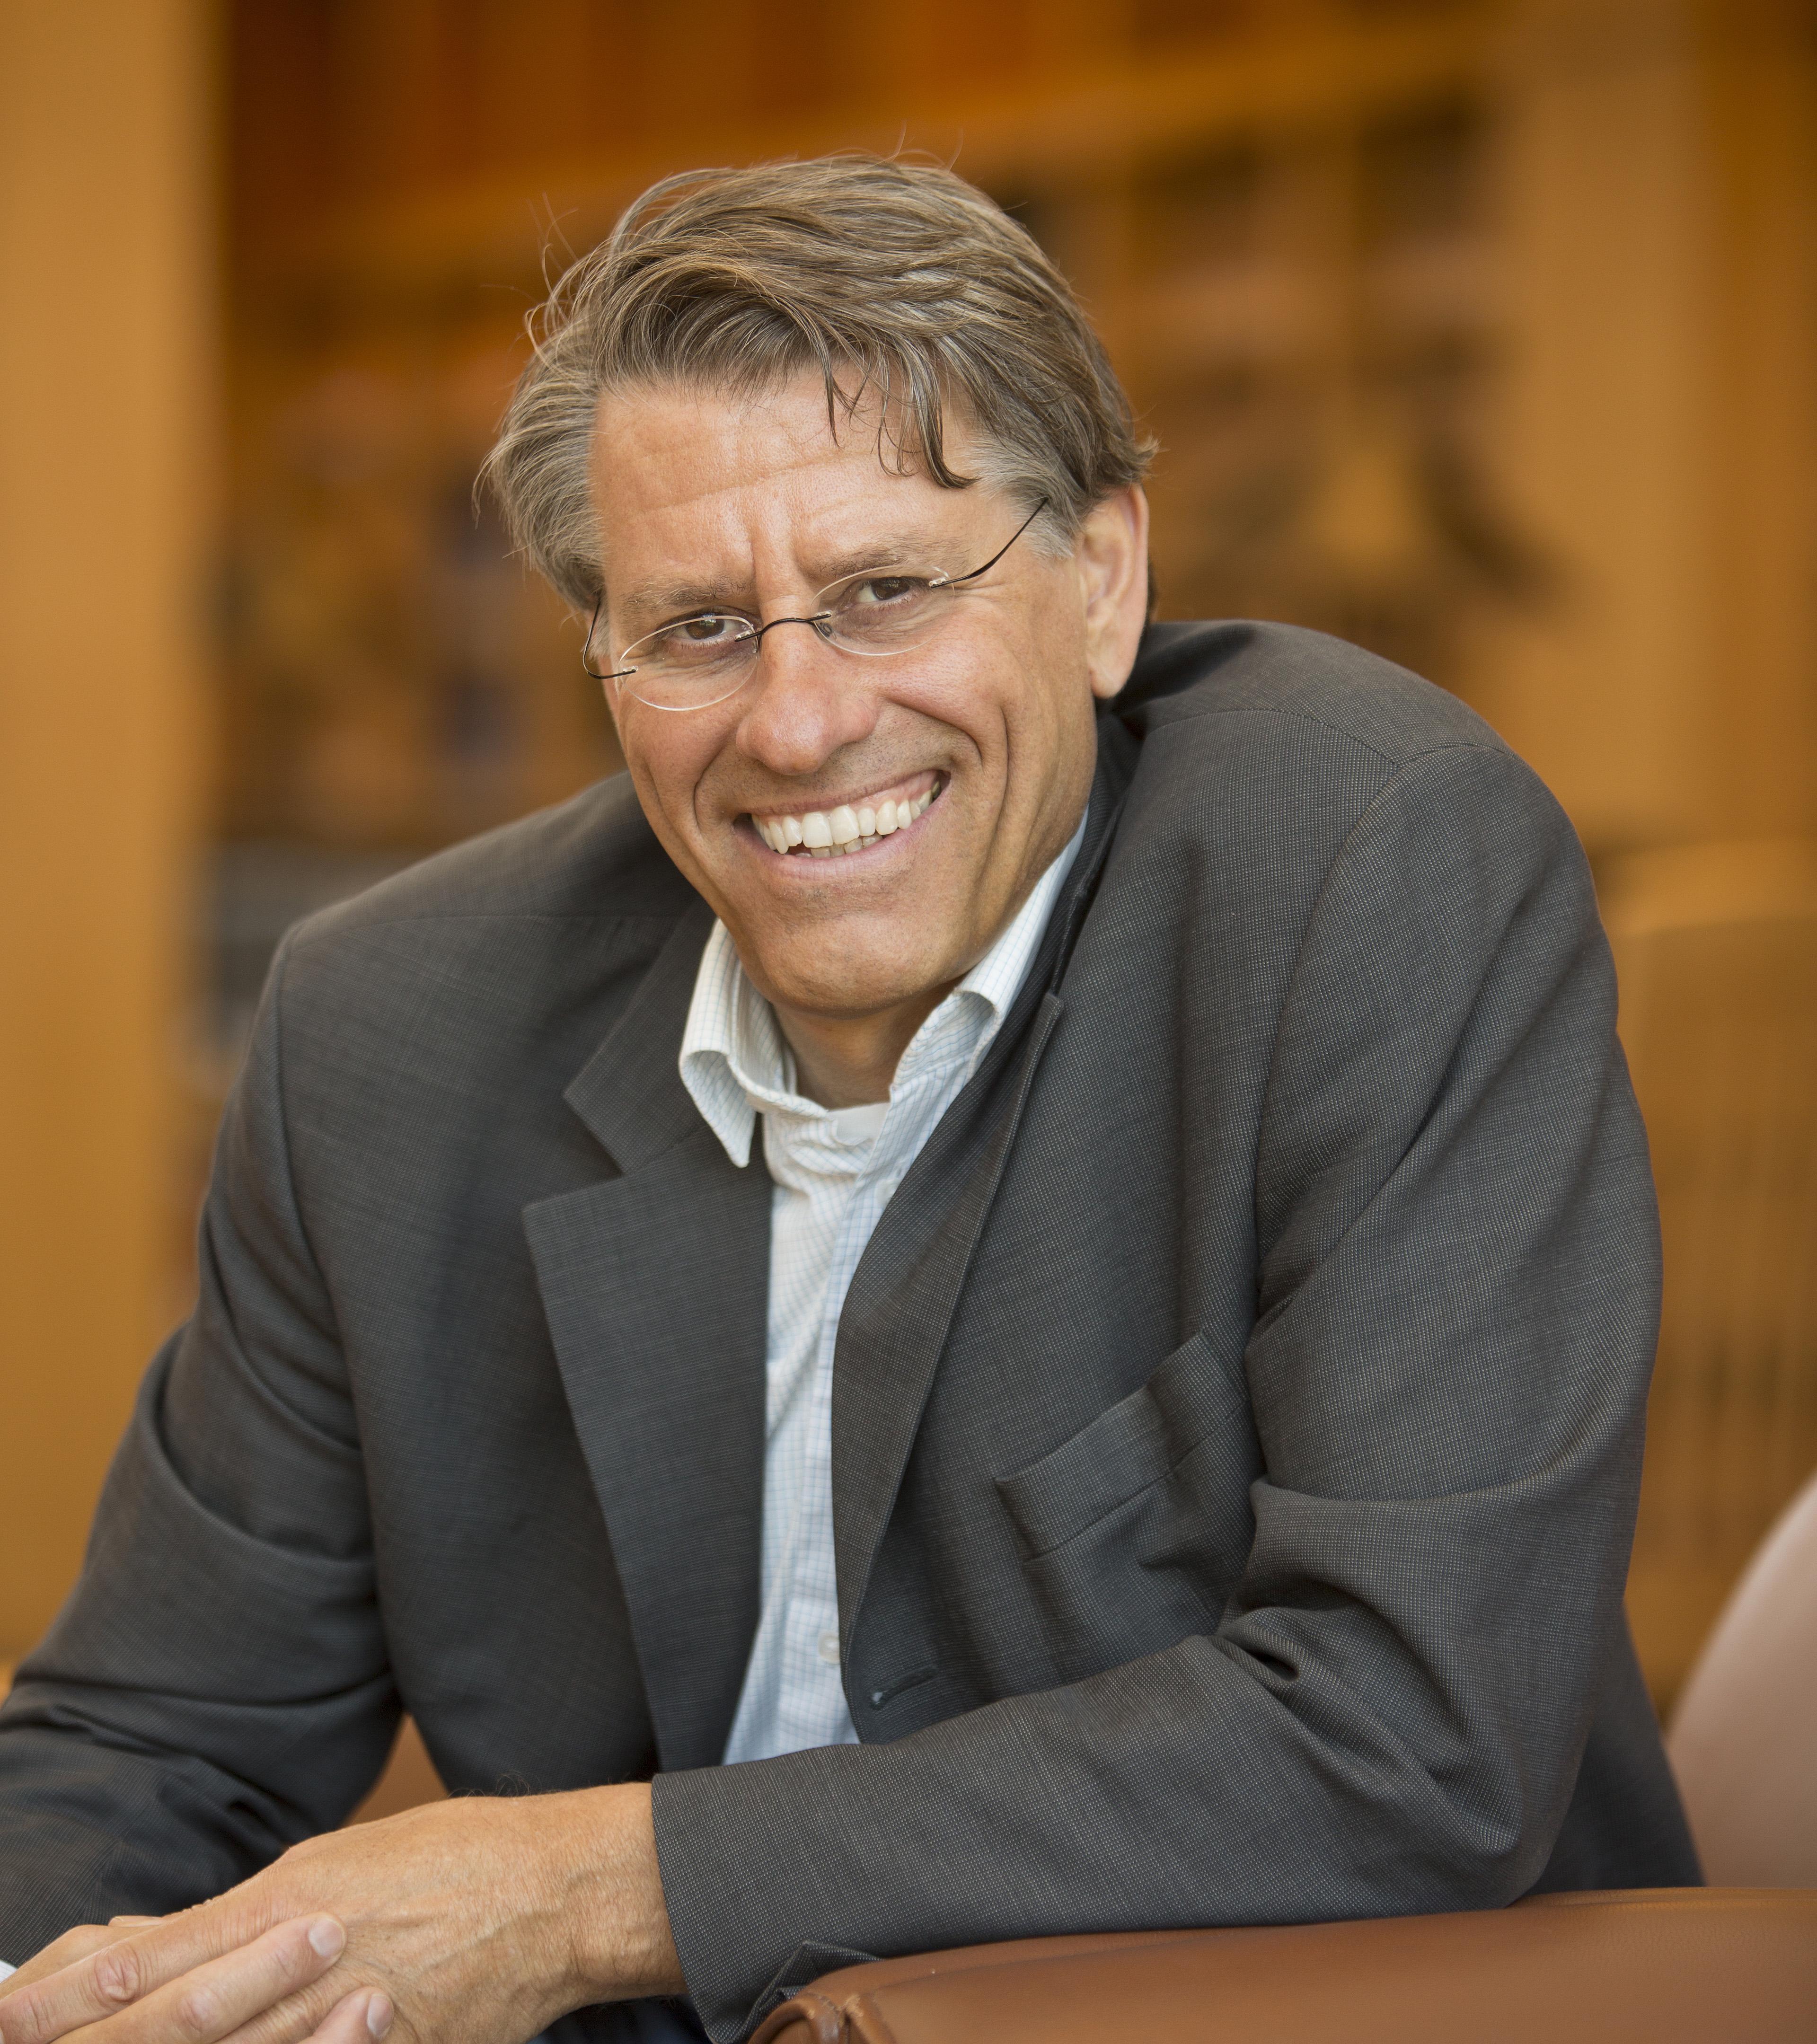 Professor Frans von der Dunk